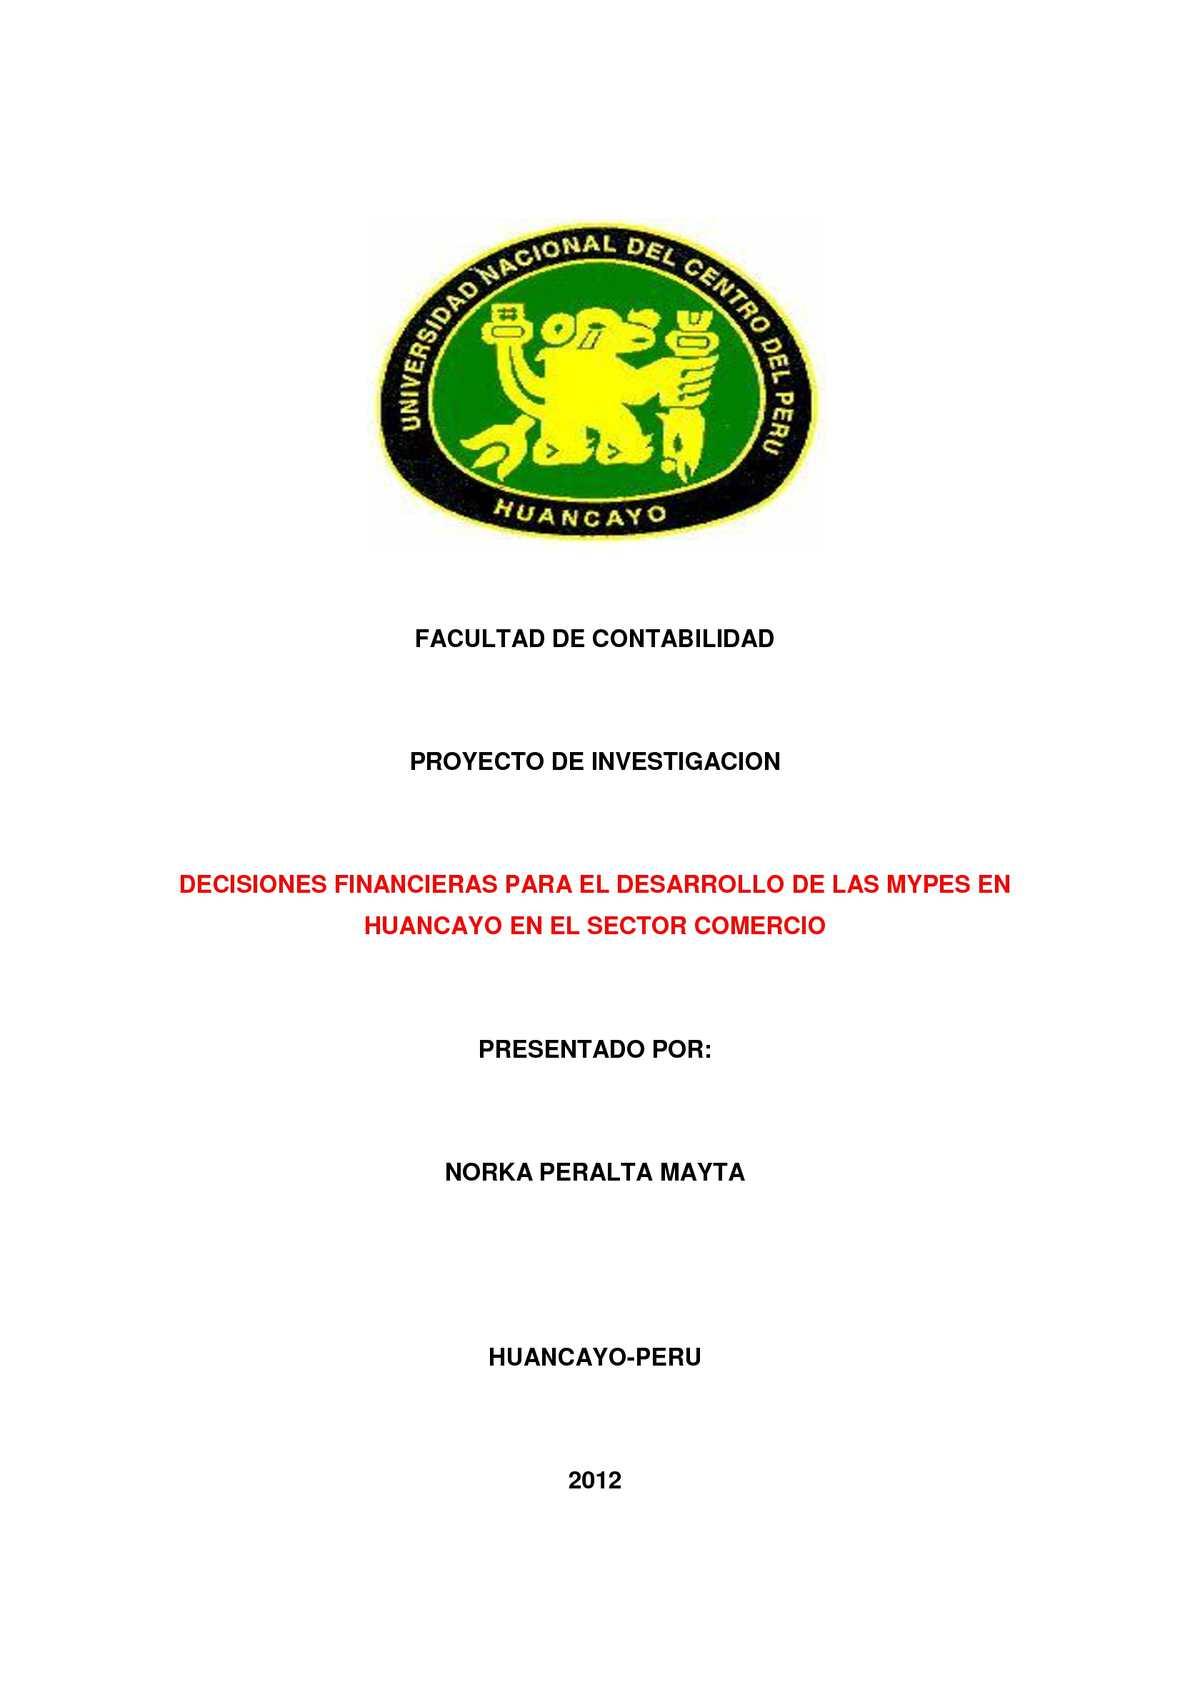 PROYECTO DE INVESTIGACIÓN - DECISIONES FINANCIERAS PARA EL DESARROLLO DE LAS MYPES EN HUANCAYO EN EL SECTOR COMERCIO